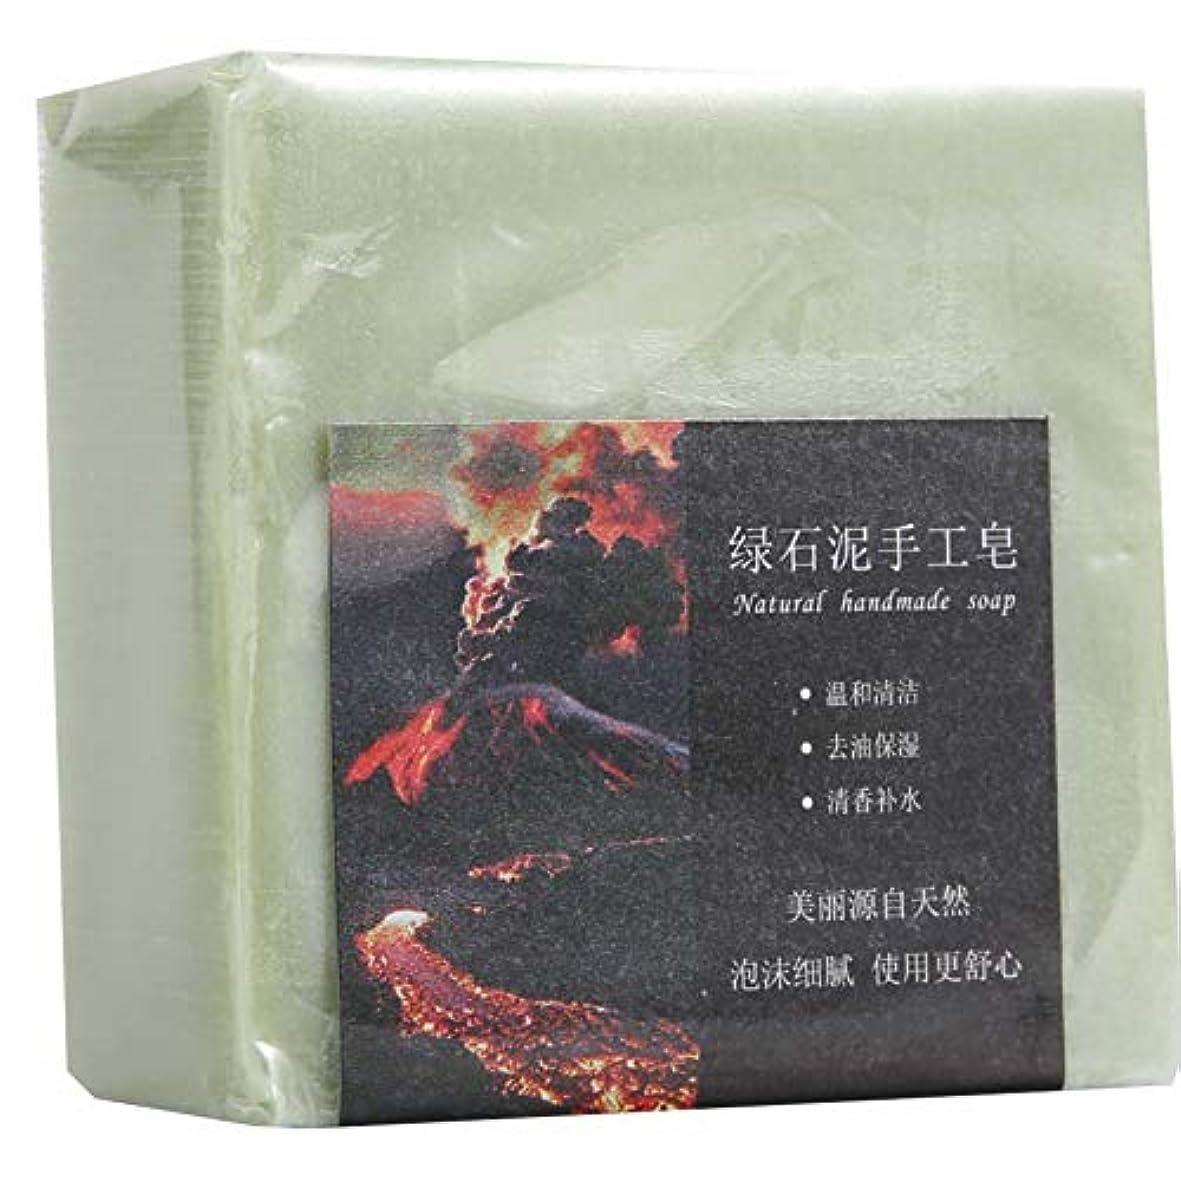 たくさんロビー戦術ハンドメイドグリーンクレイソープ 優しい フェイシャルクリーニング 保湿フェイシャルケア バスエッセンシャルオイルソープ